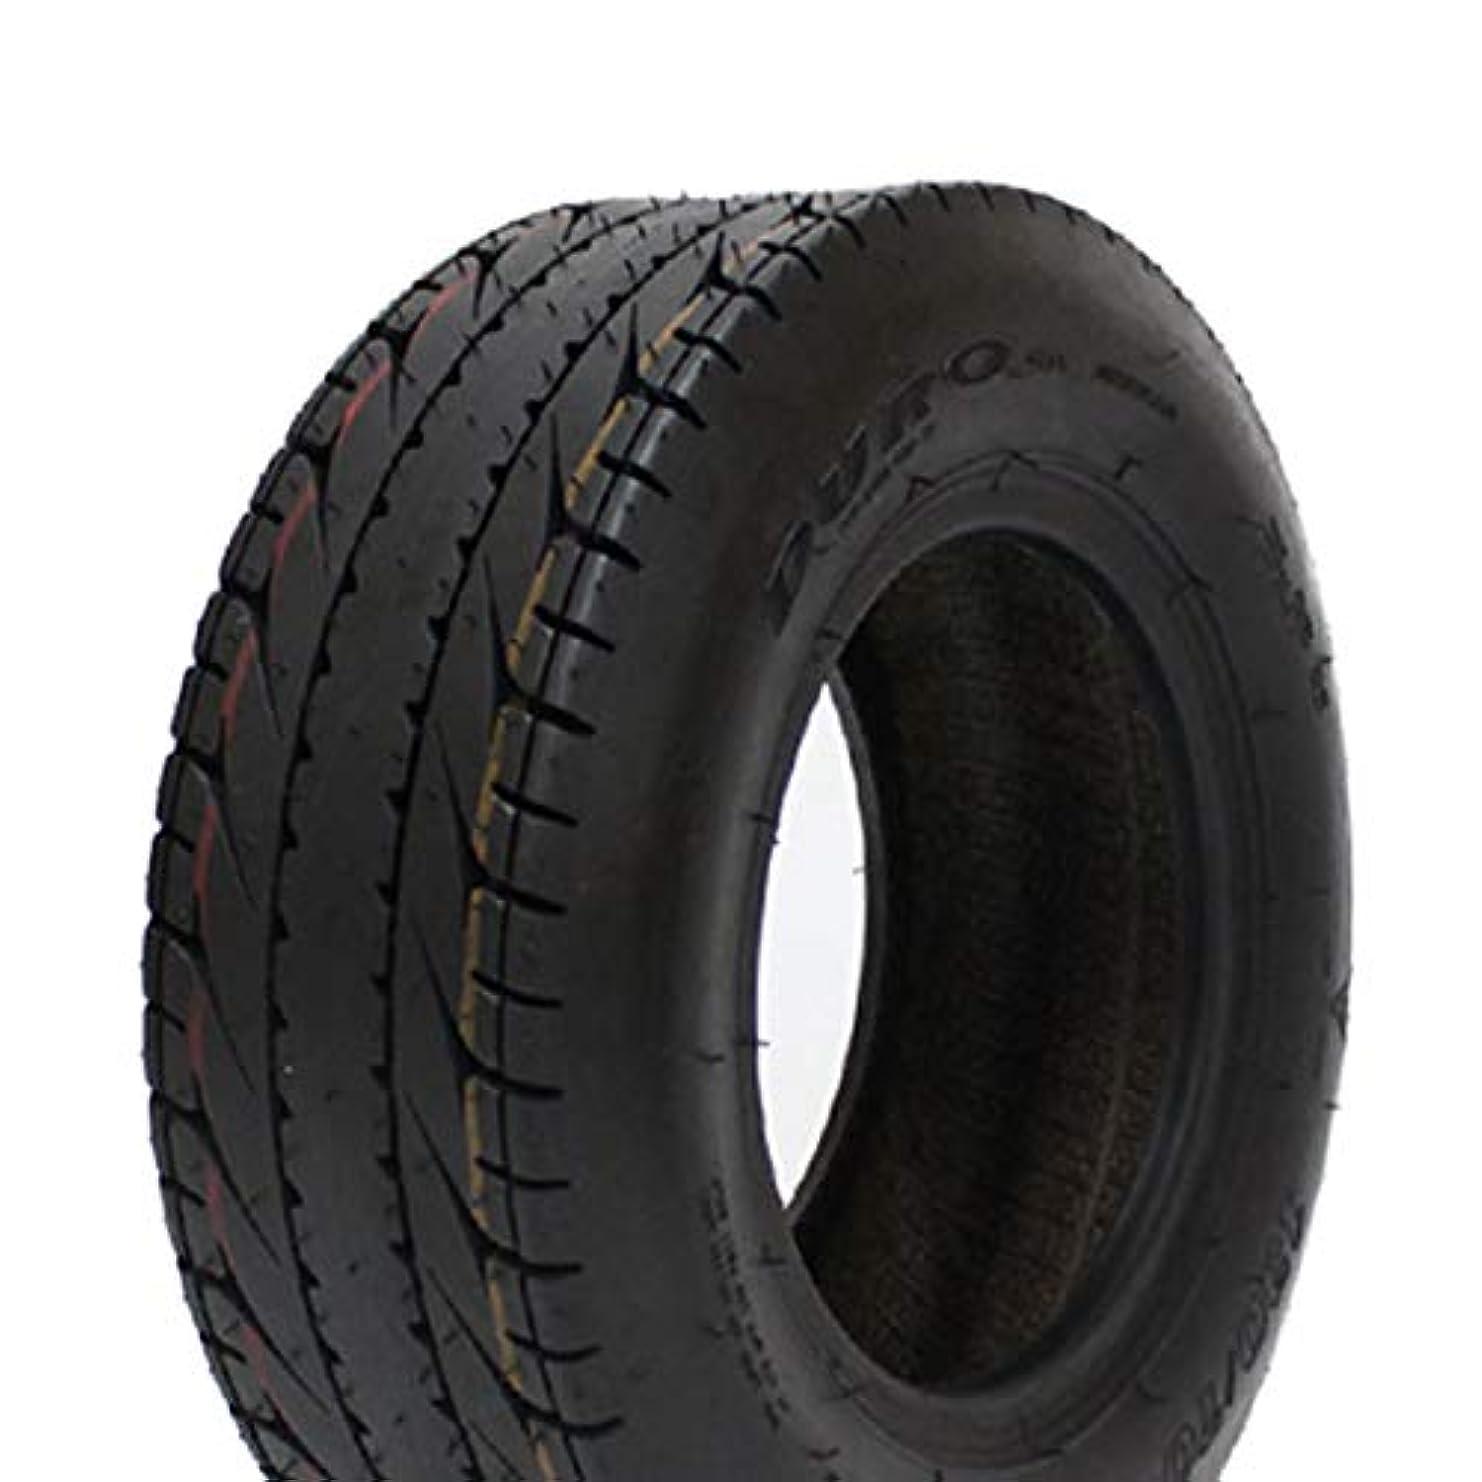 シャツ勇者国旗DURO製タイヤ DI2058 130/70-8 42L T/L(ホンダ HONDA タイヤ バイク オートバイ 4サイクル ジャイロキャノピー ジャイロX)